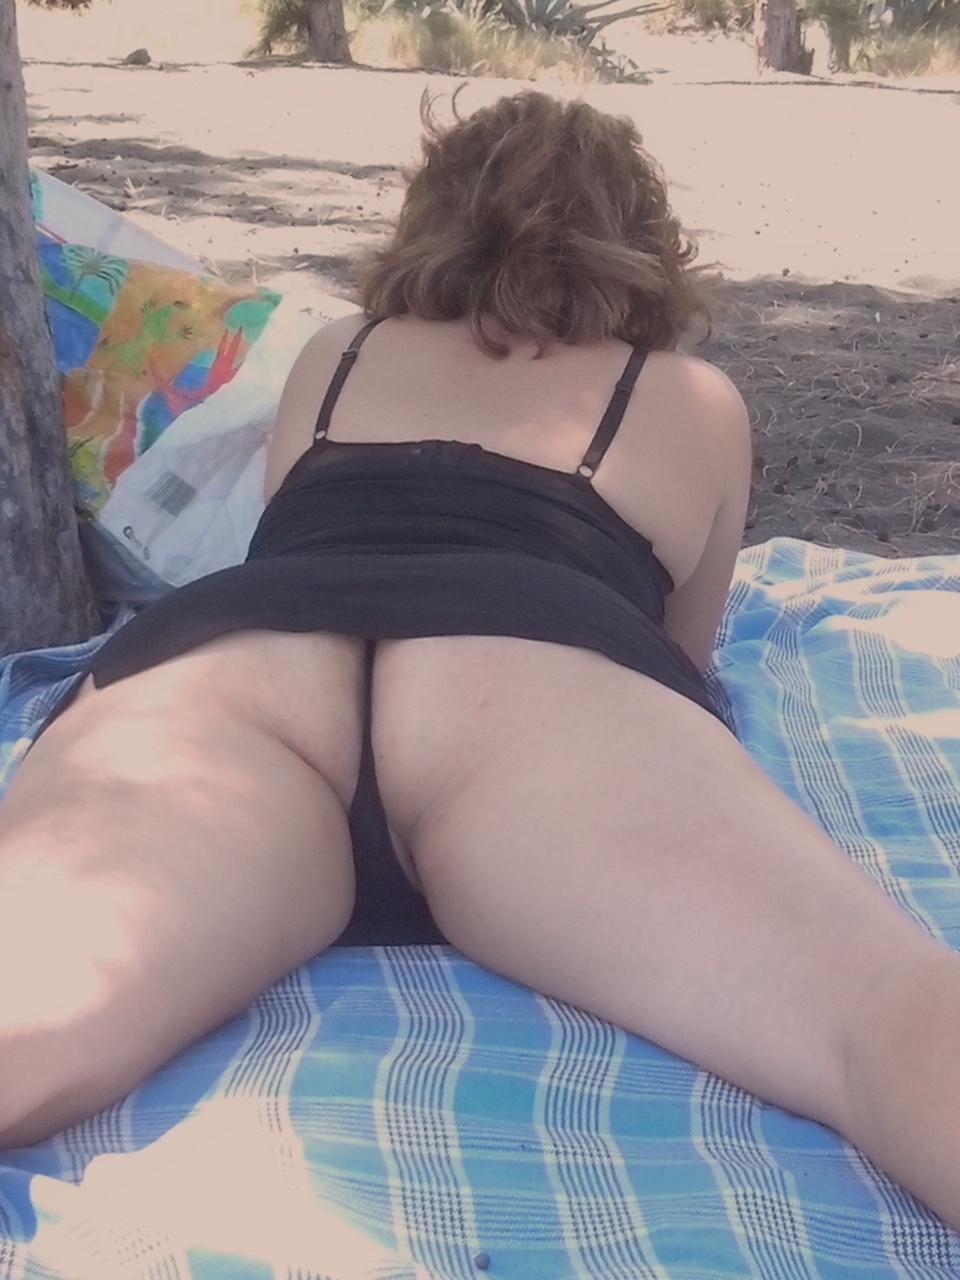 【パンチラエロ画像】日光浴で尻丸出し!行楽日和の寝パンチラ撮りwww 04